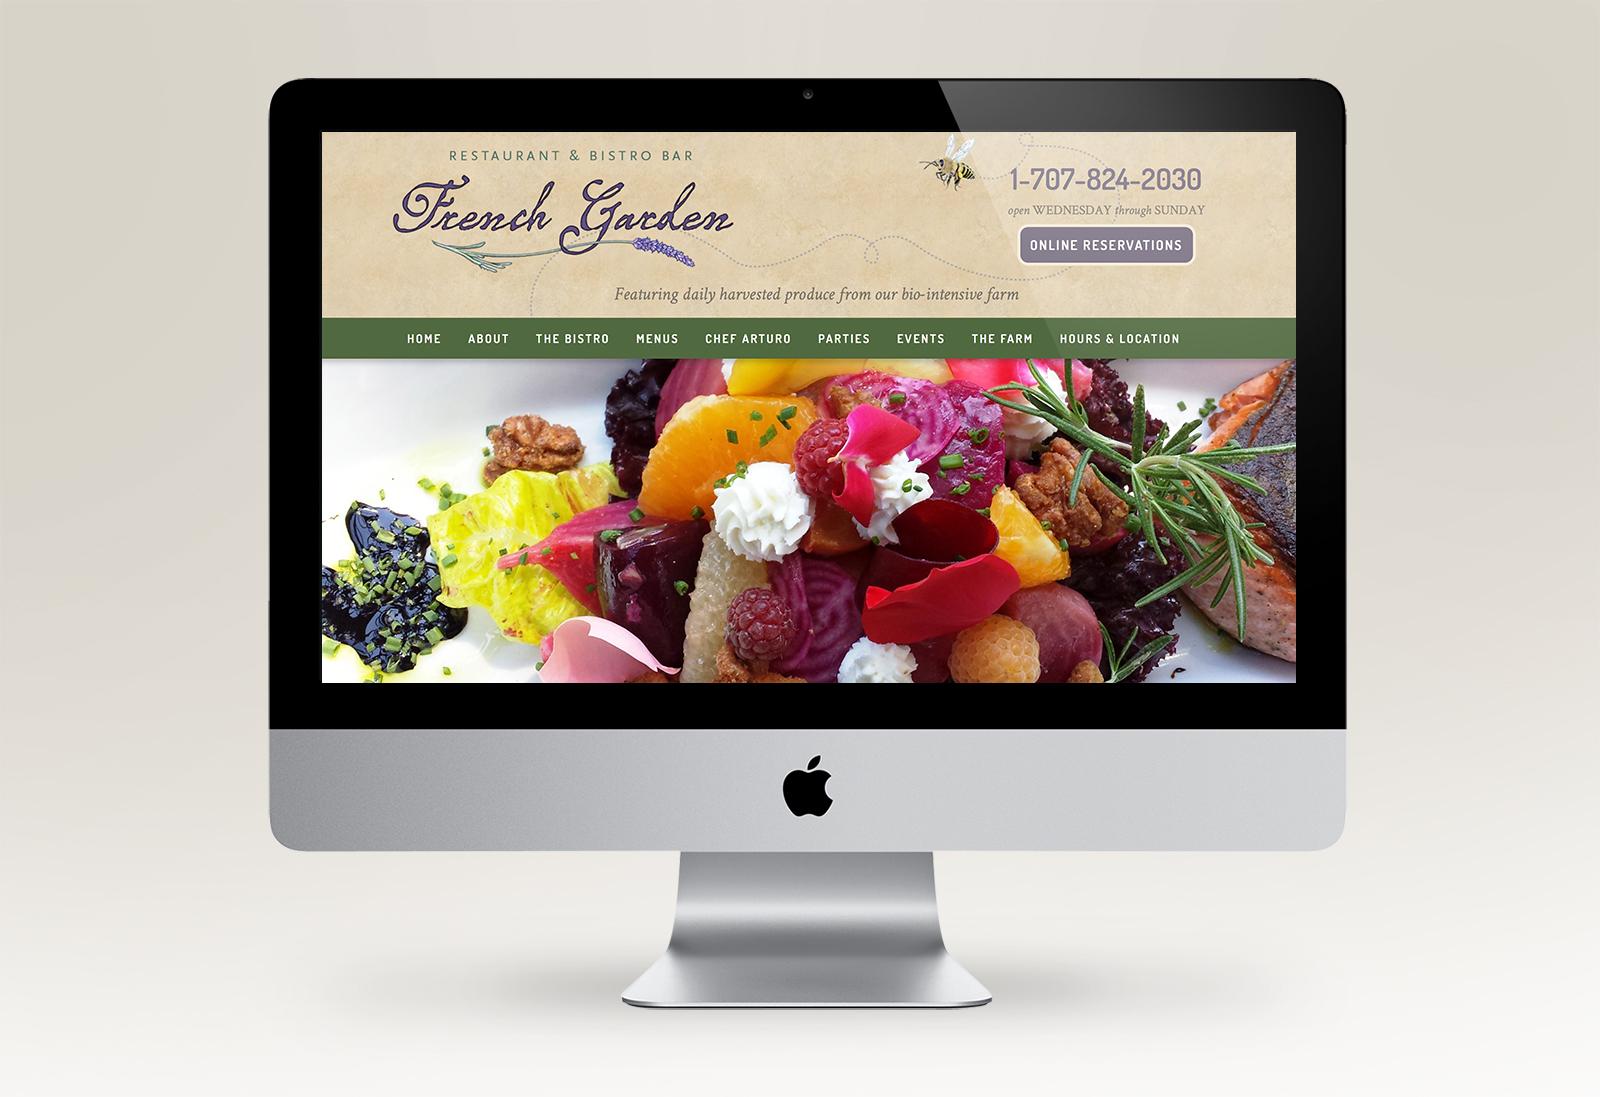 French Garden Restaurant website